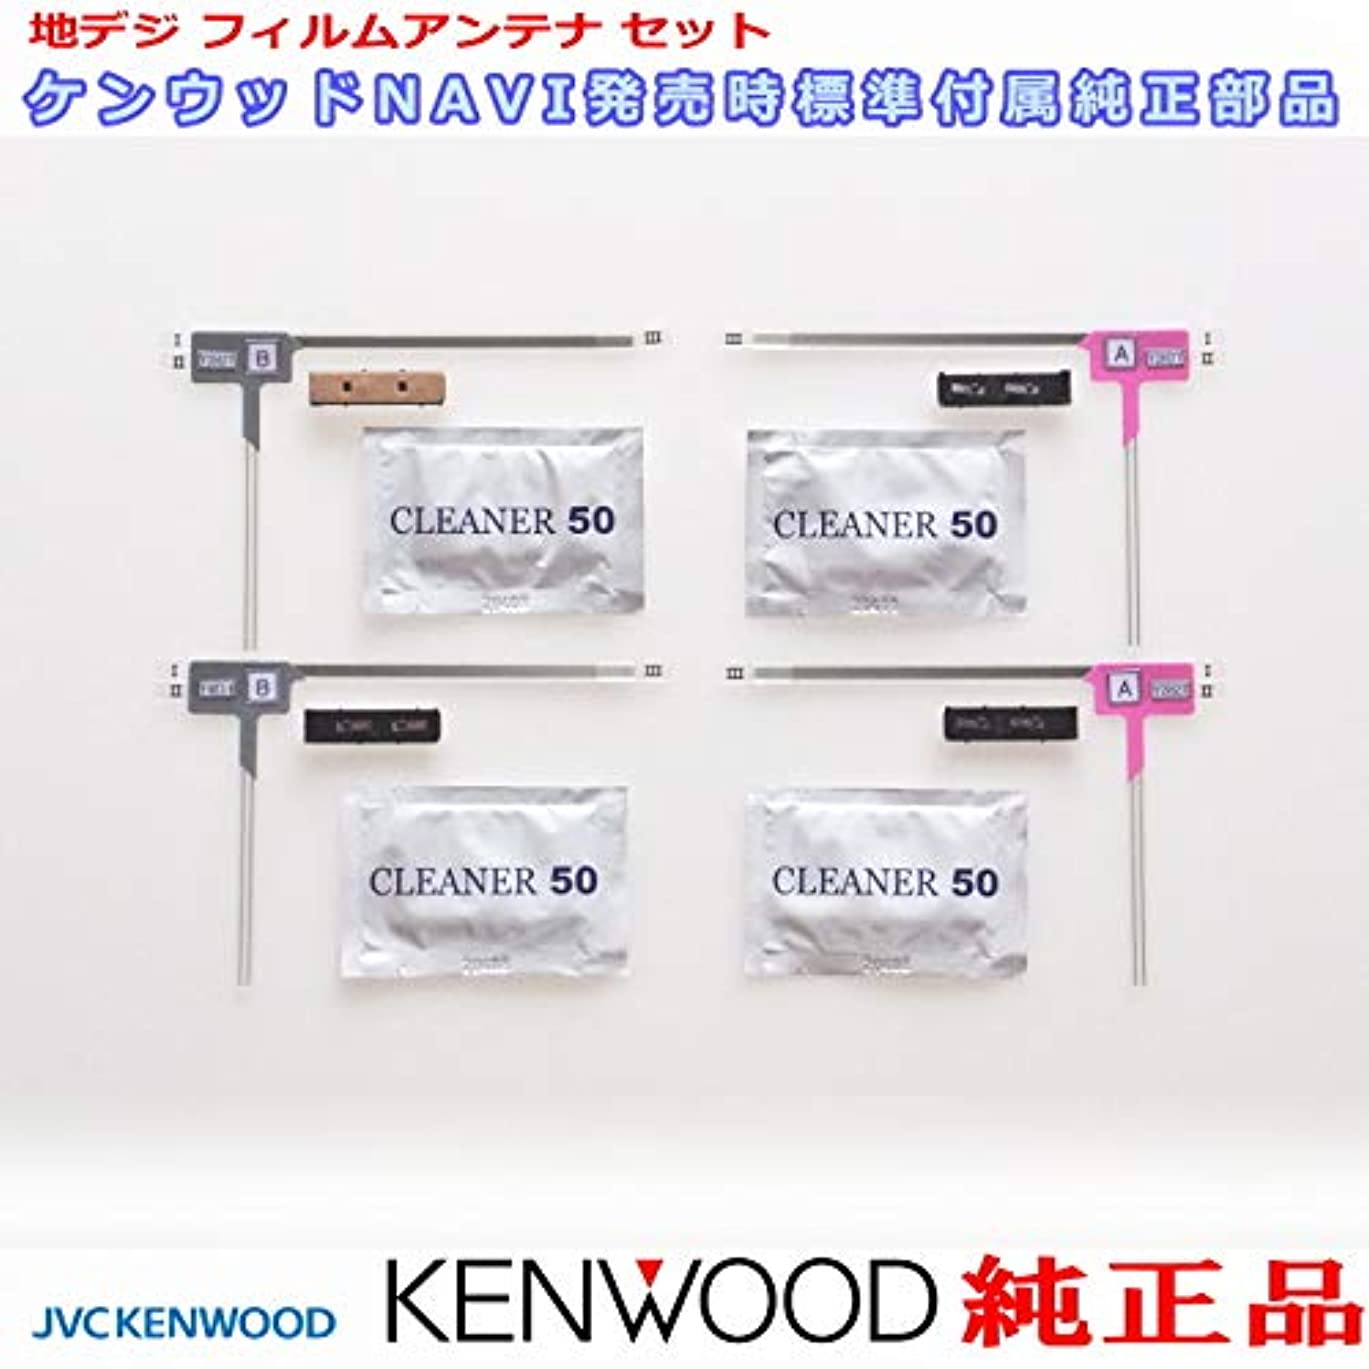 拒否曲マイクロ地デジアンテナ ケンウッドMDV-M805L 純正 フィルム ベース Set (J22